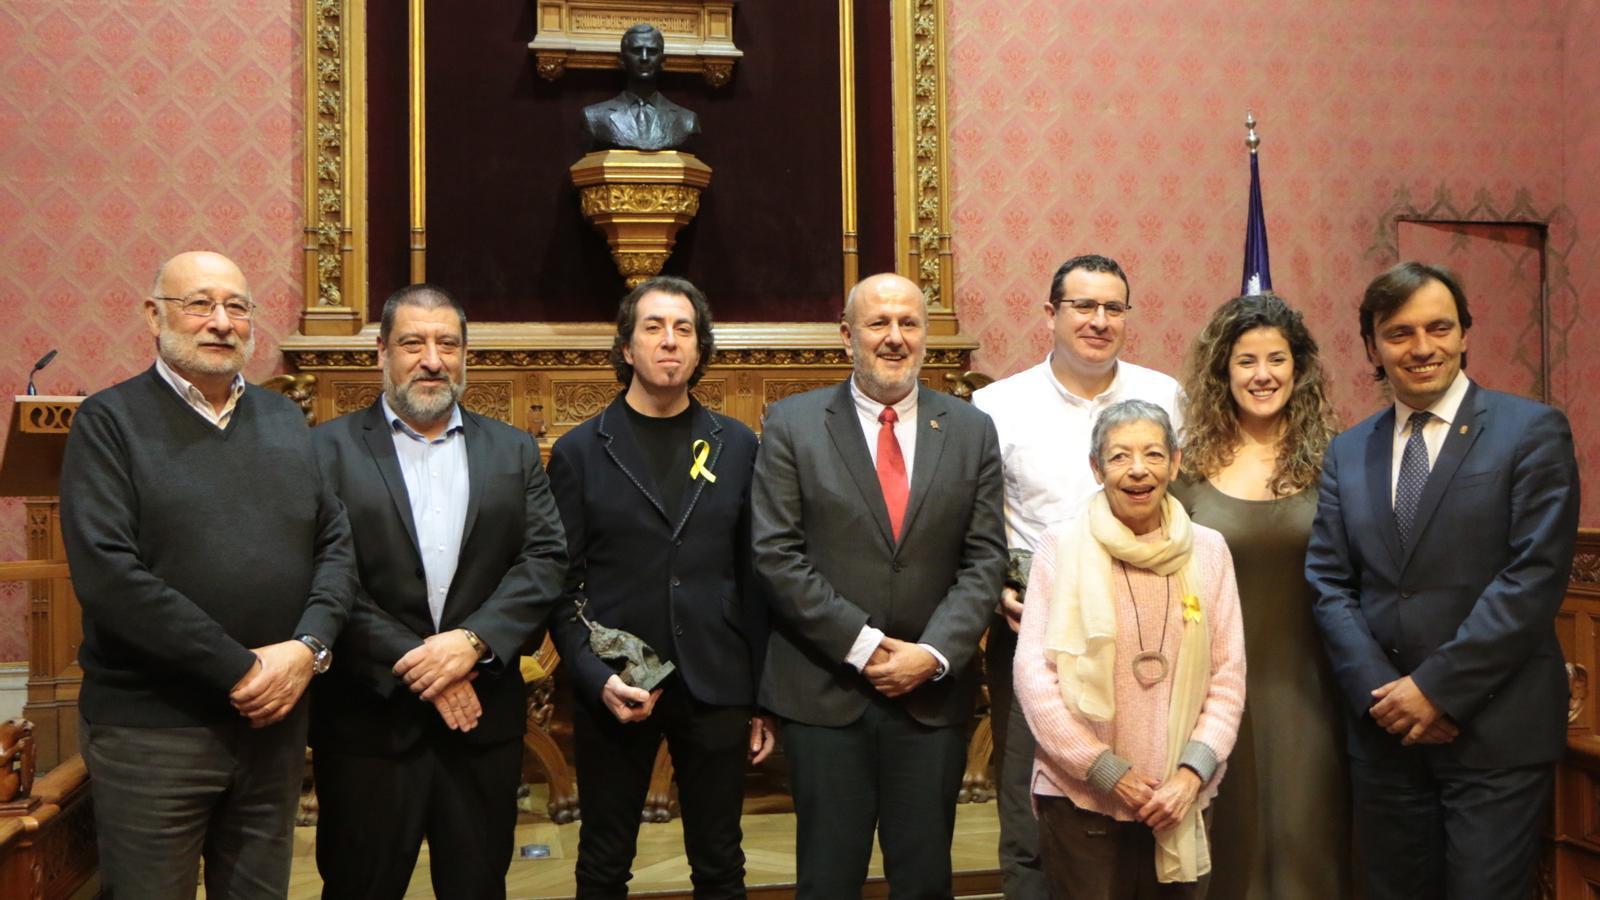 Pere Joan Martorell i Josep Lluís Roig, guanyadors dels Premis Mallorca 2017